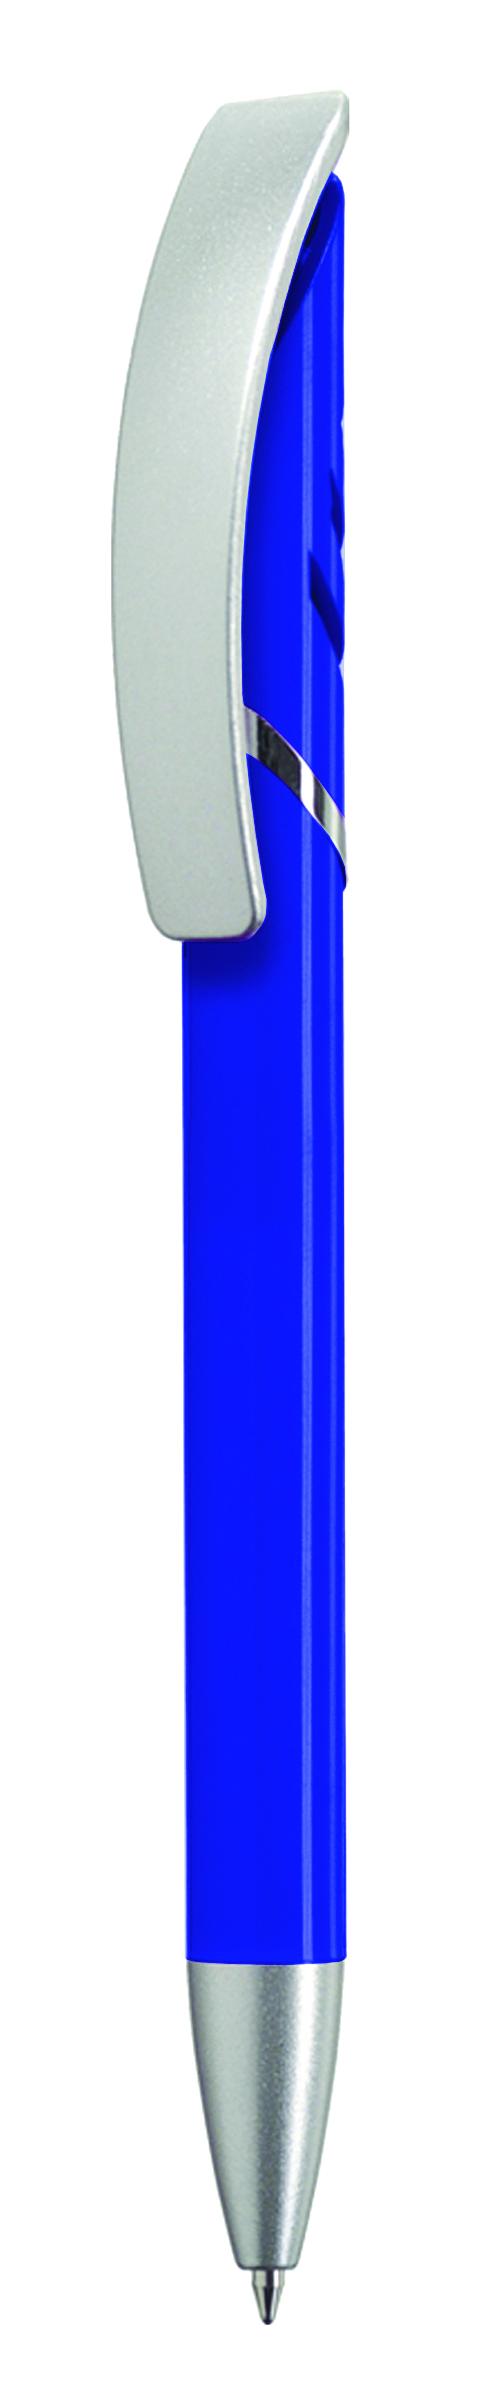 starco_color_BLUE_2